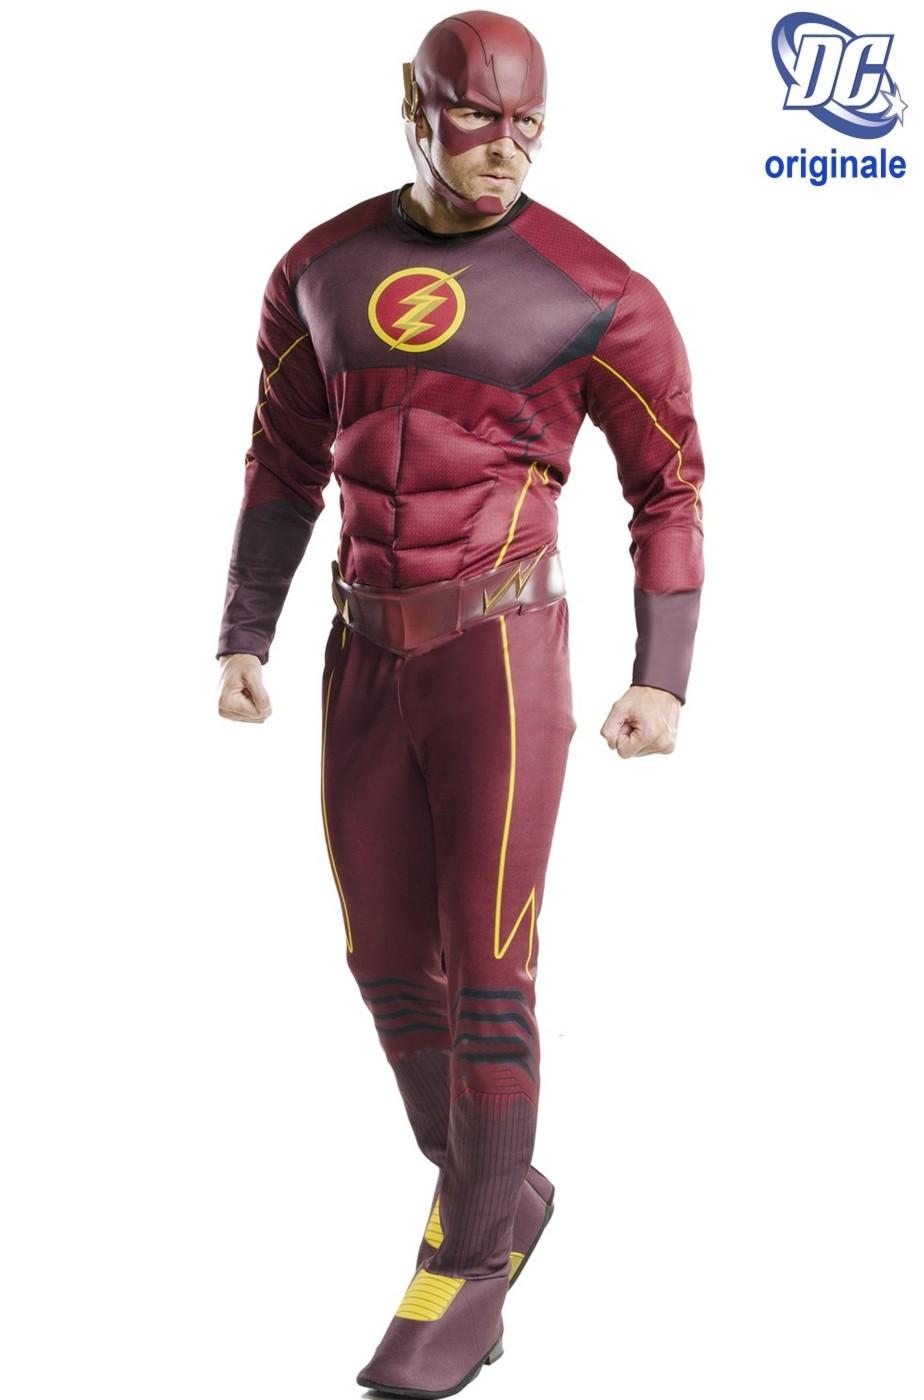 Nuova nuove varietà gamma esclusiva Costume adulto di The Flash lo spin off di Arrow